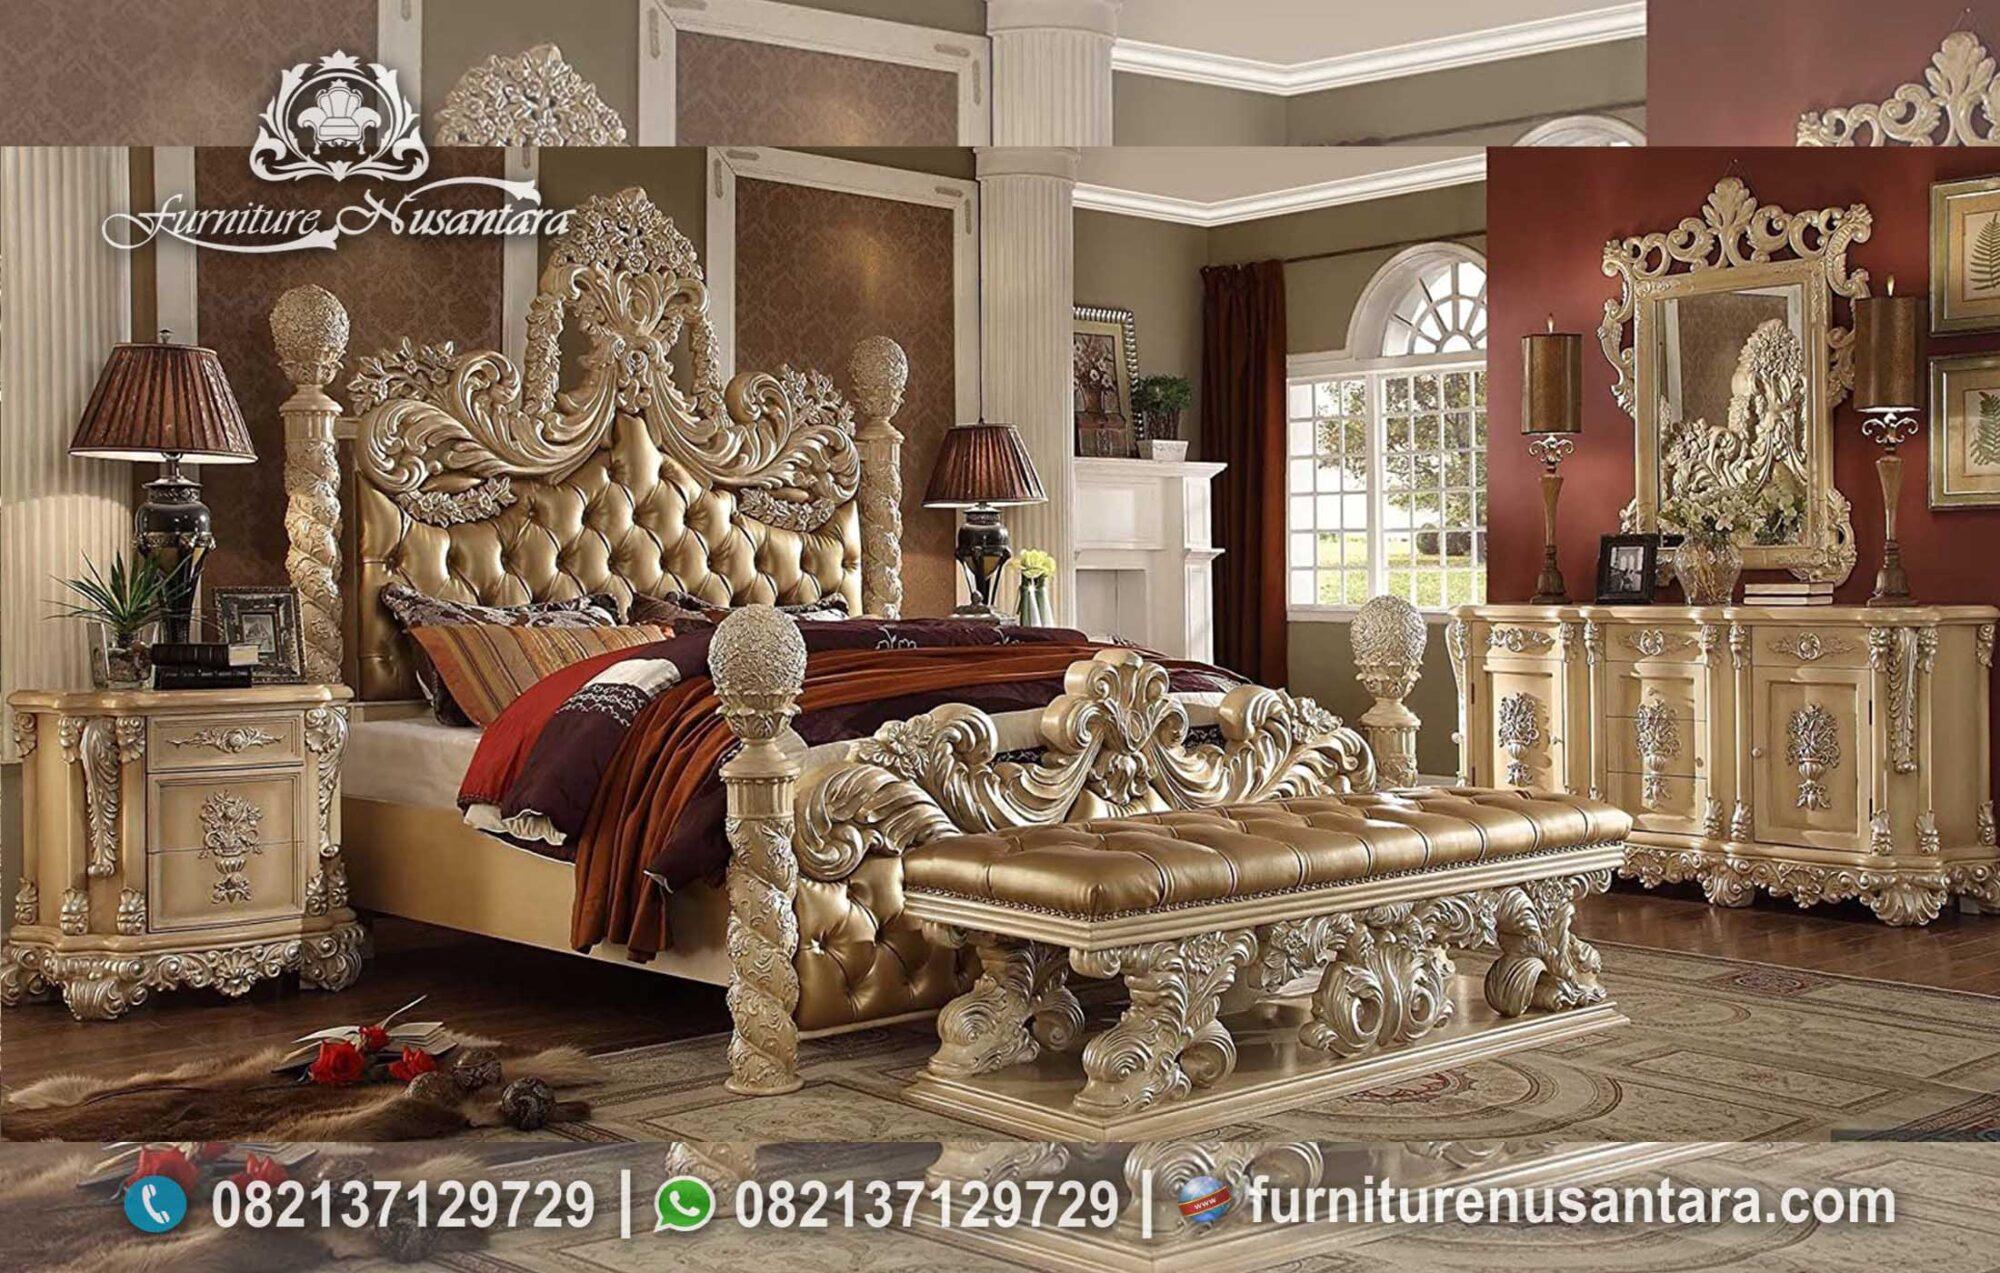 Model Kamar Set Klasik Modern Termewah KS-200, Furniture Nusantara